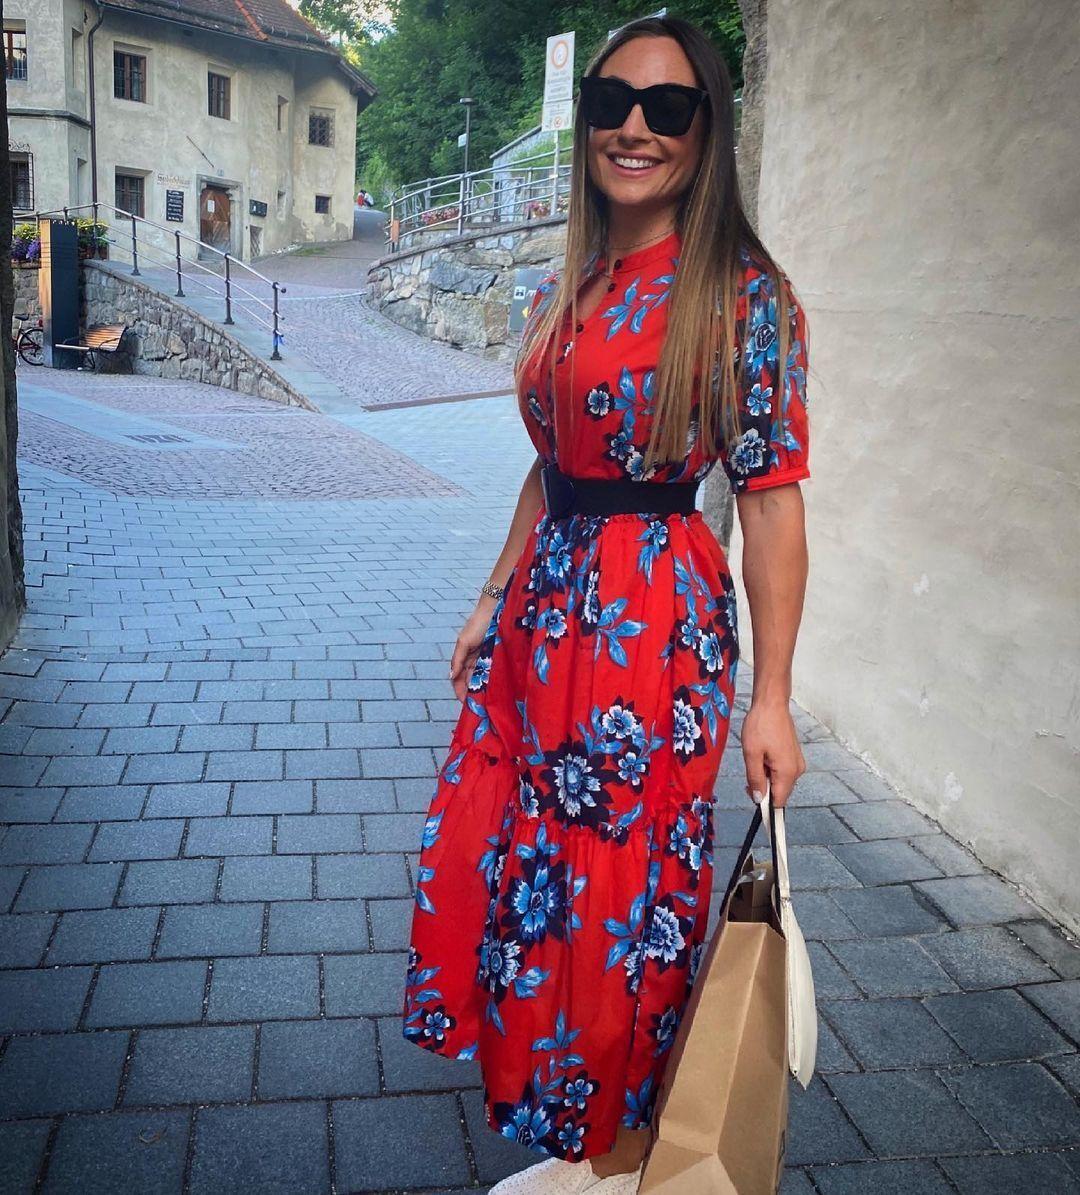 Доротея Вирер в красном платье.